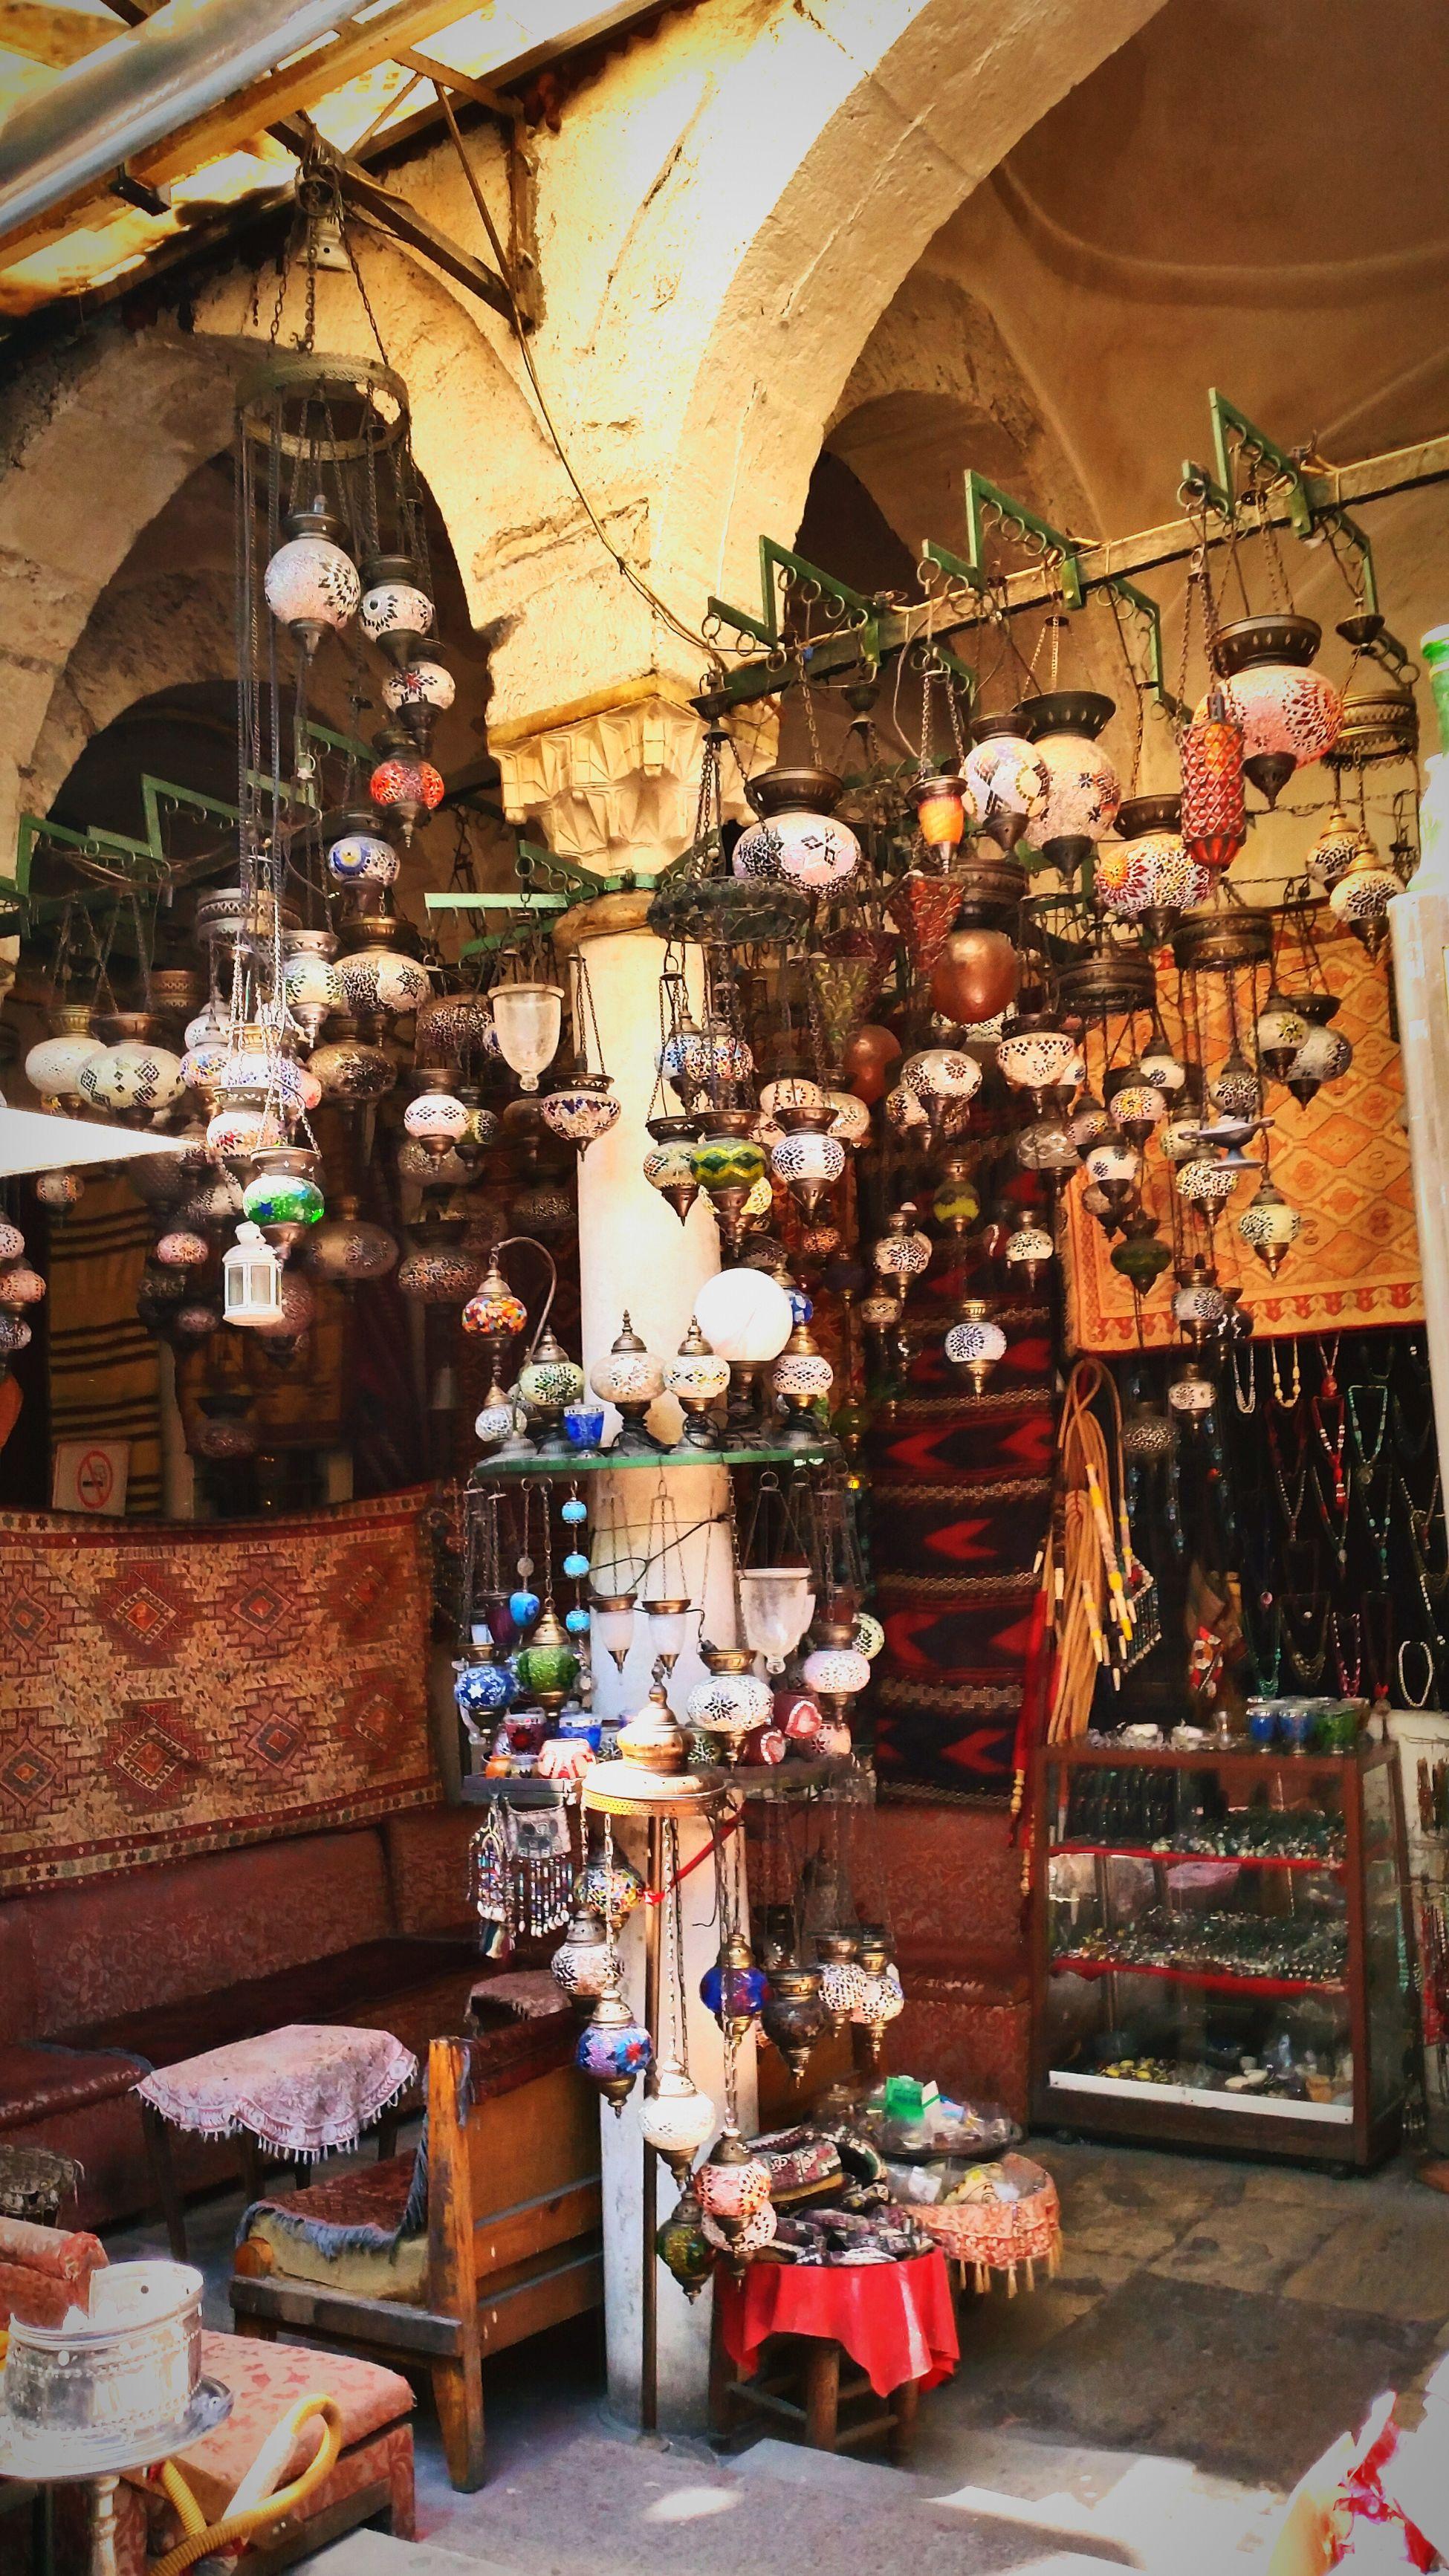 Turkey Light ıstanbul City Life Sultanahmet Unreason Theunreasonableone